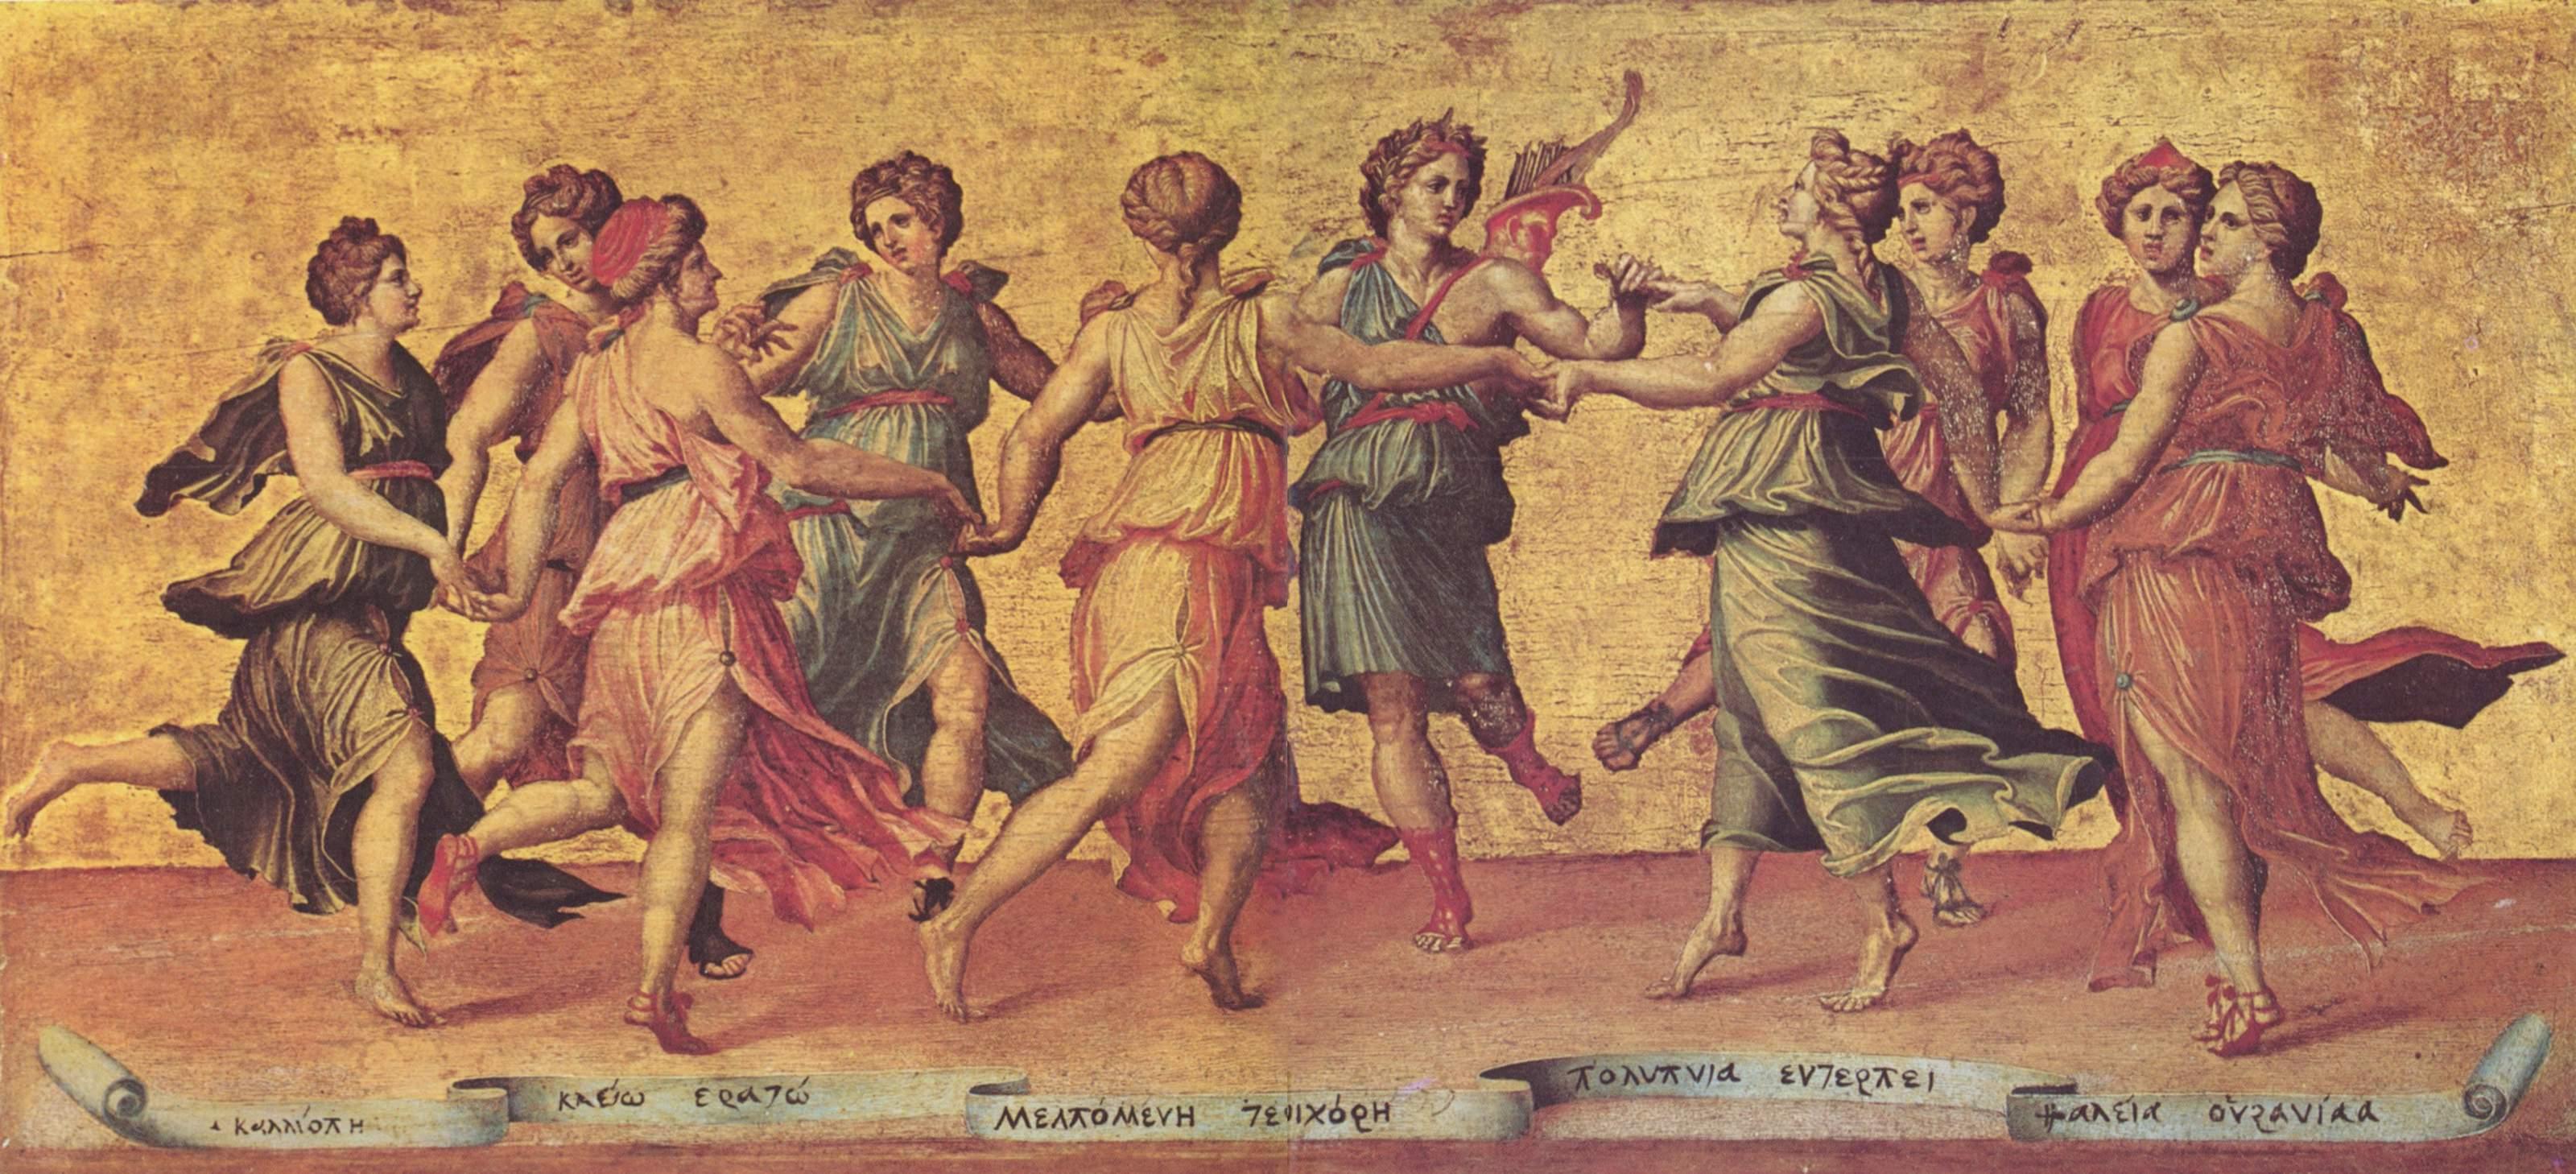 Baldassare Peruzzi, Danse d'Apollon avec les muses, (anciennement attribué à Giulio Romano), Galleria Palatina (Palazzo Pitti), Florence, commons.wikimedia.org